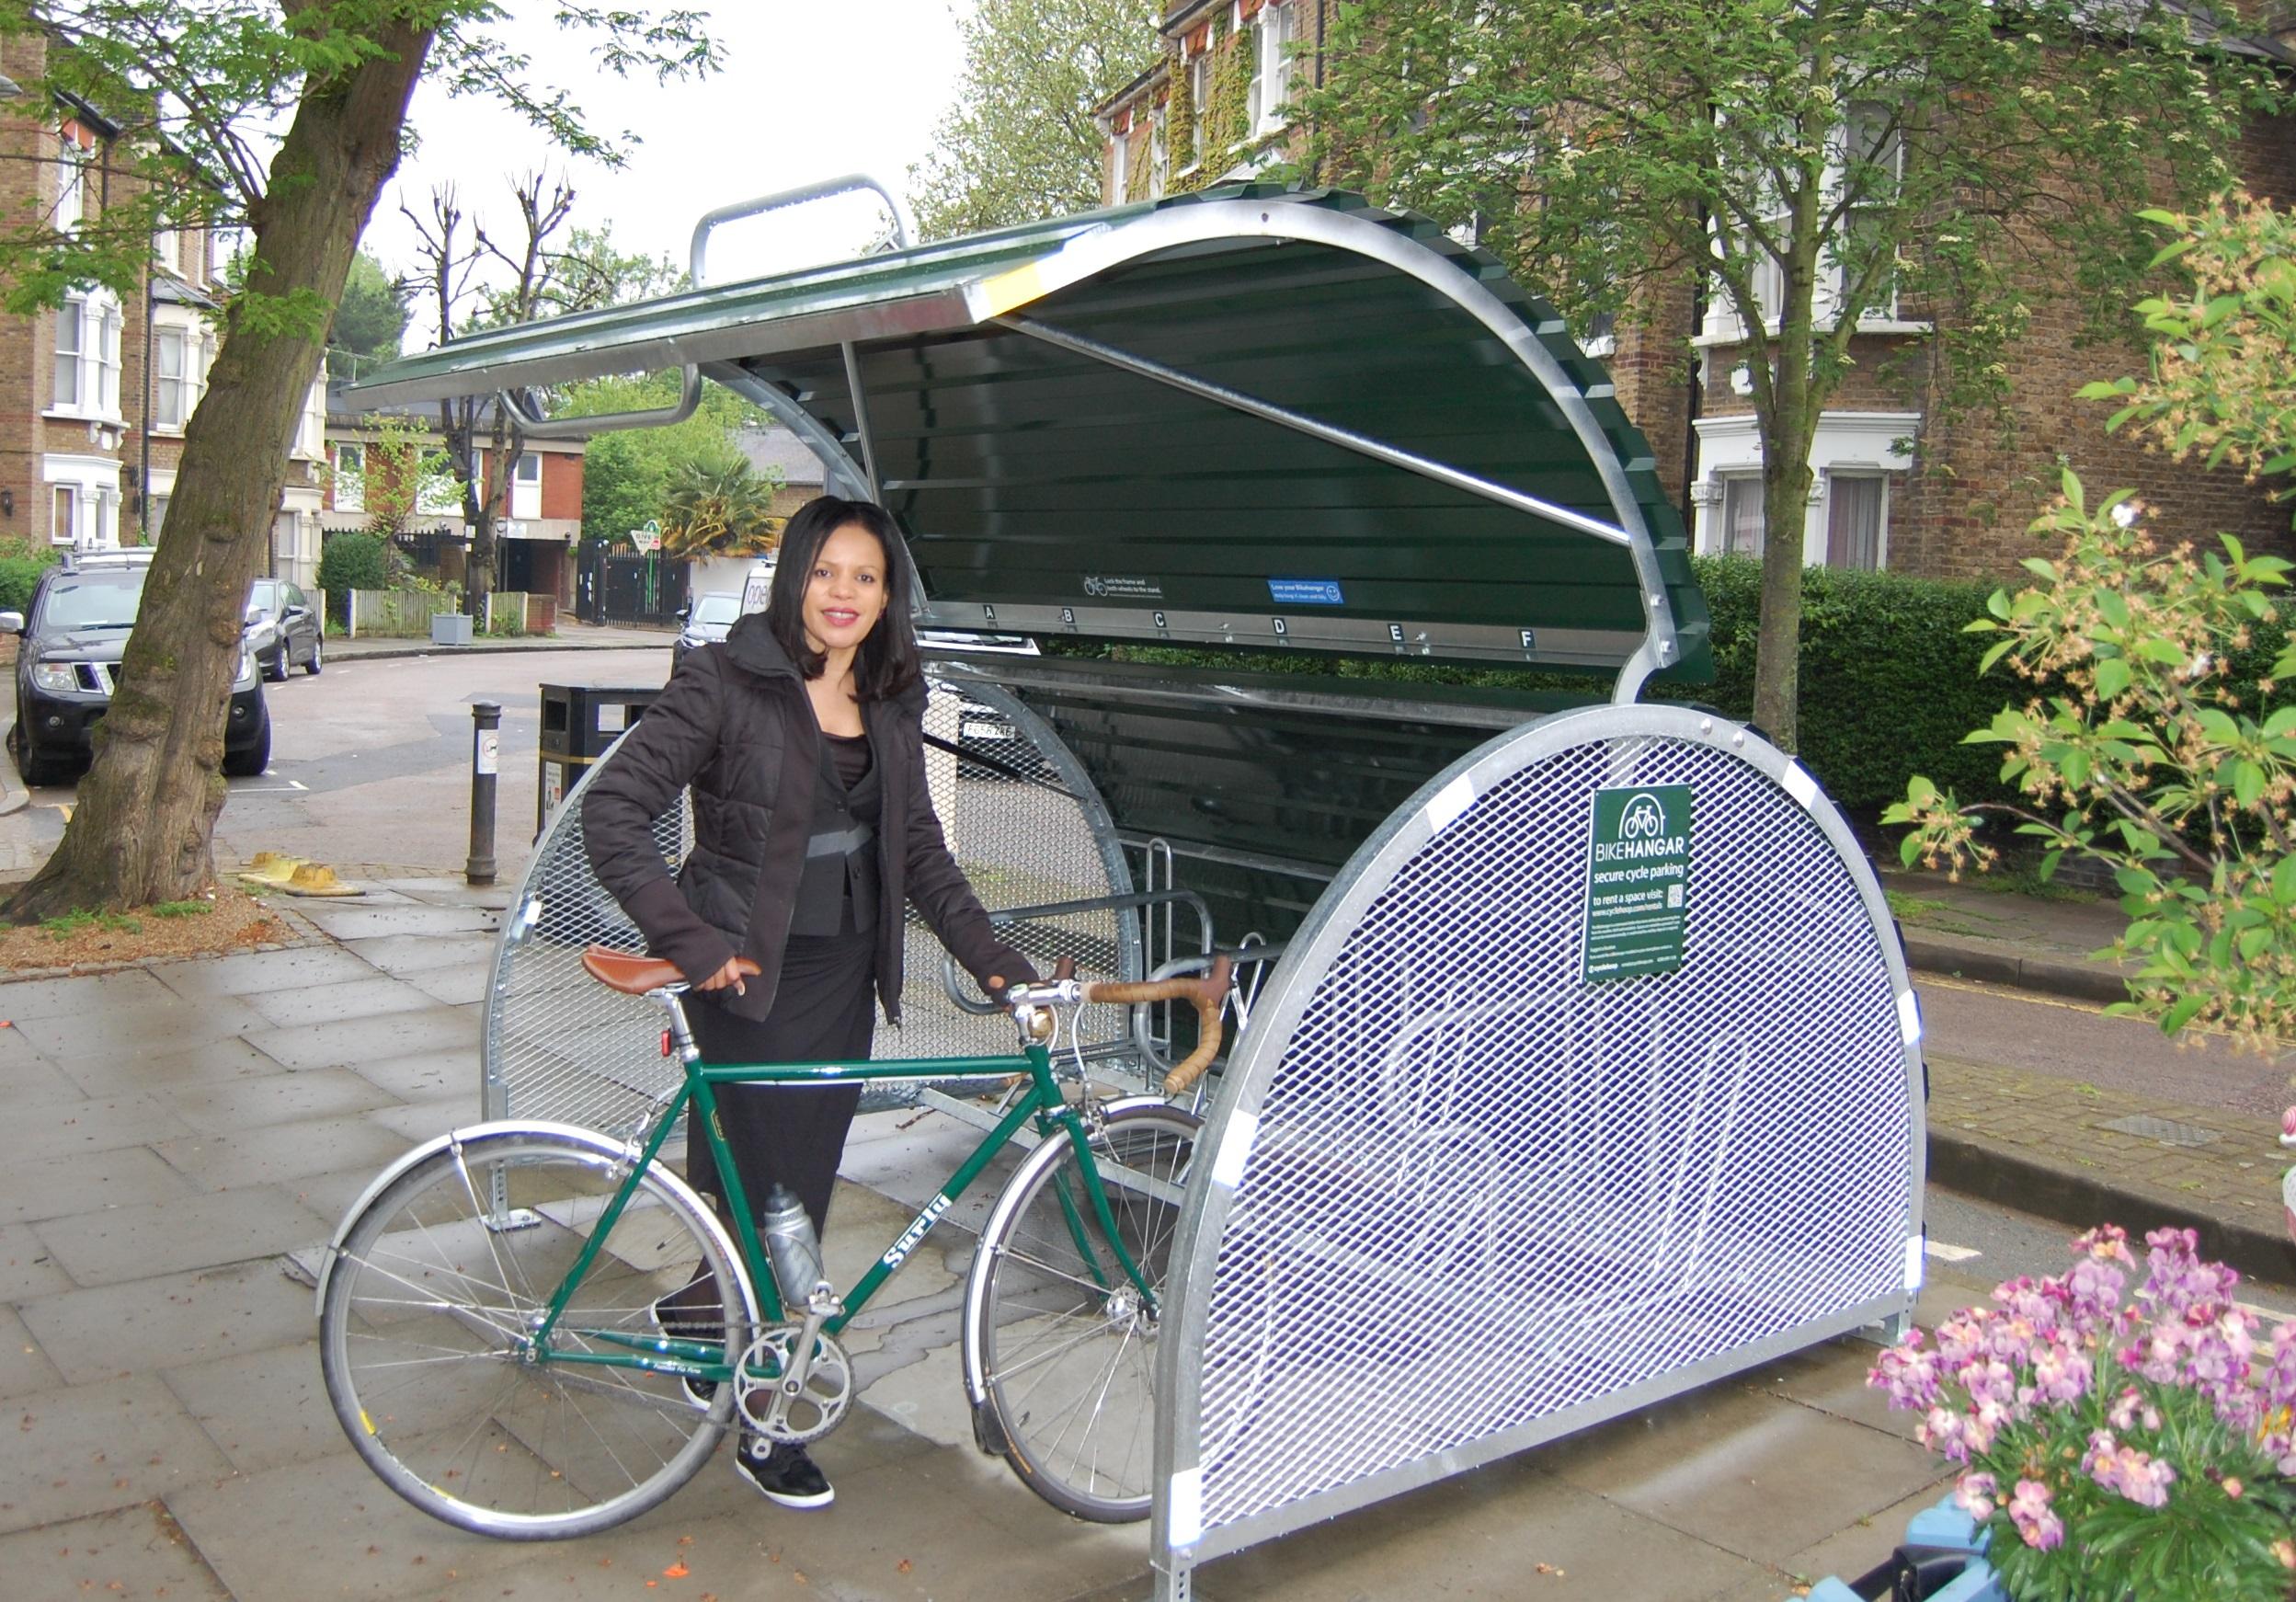 Bikehangar_Cllr_Webbe_Crayford_Rd_N7_1_CROP.jpg